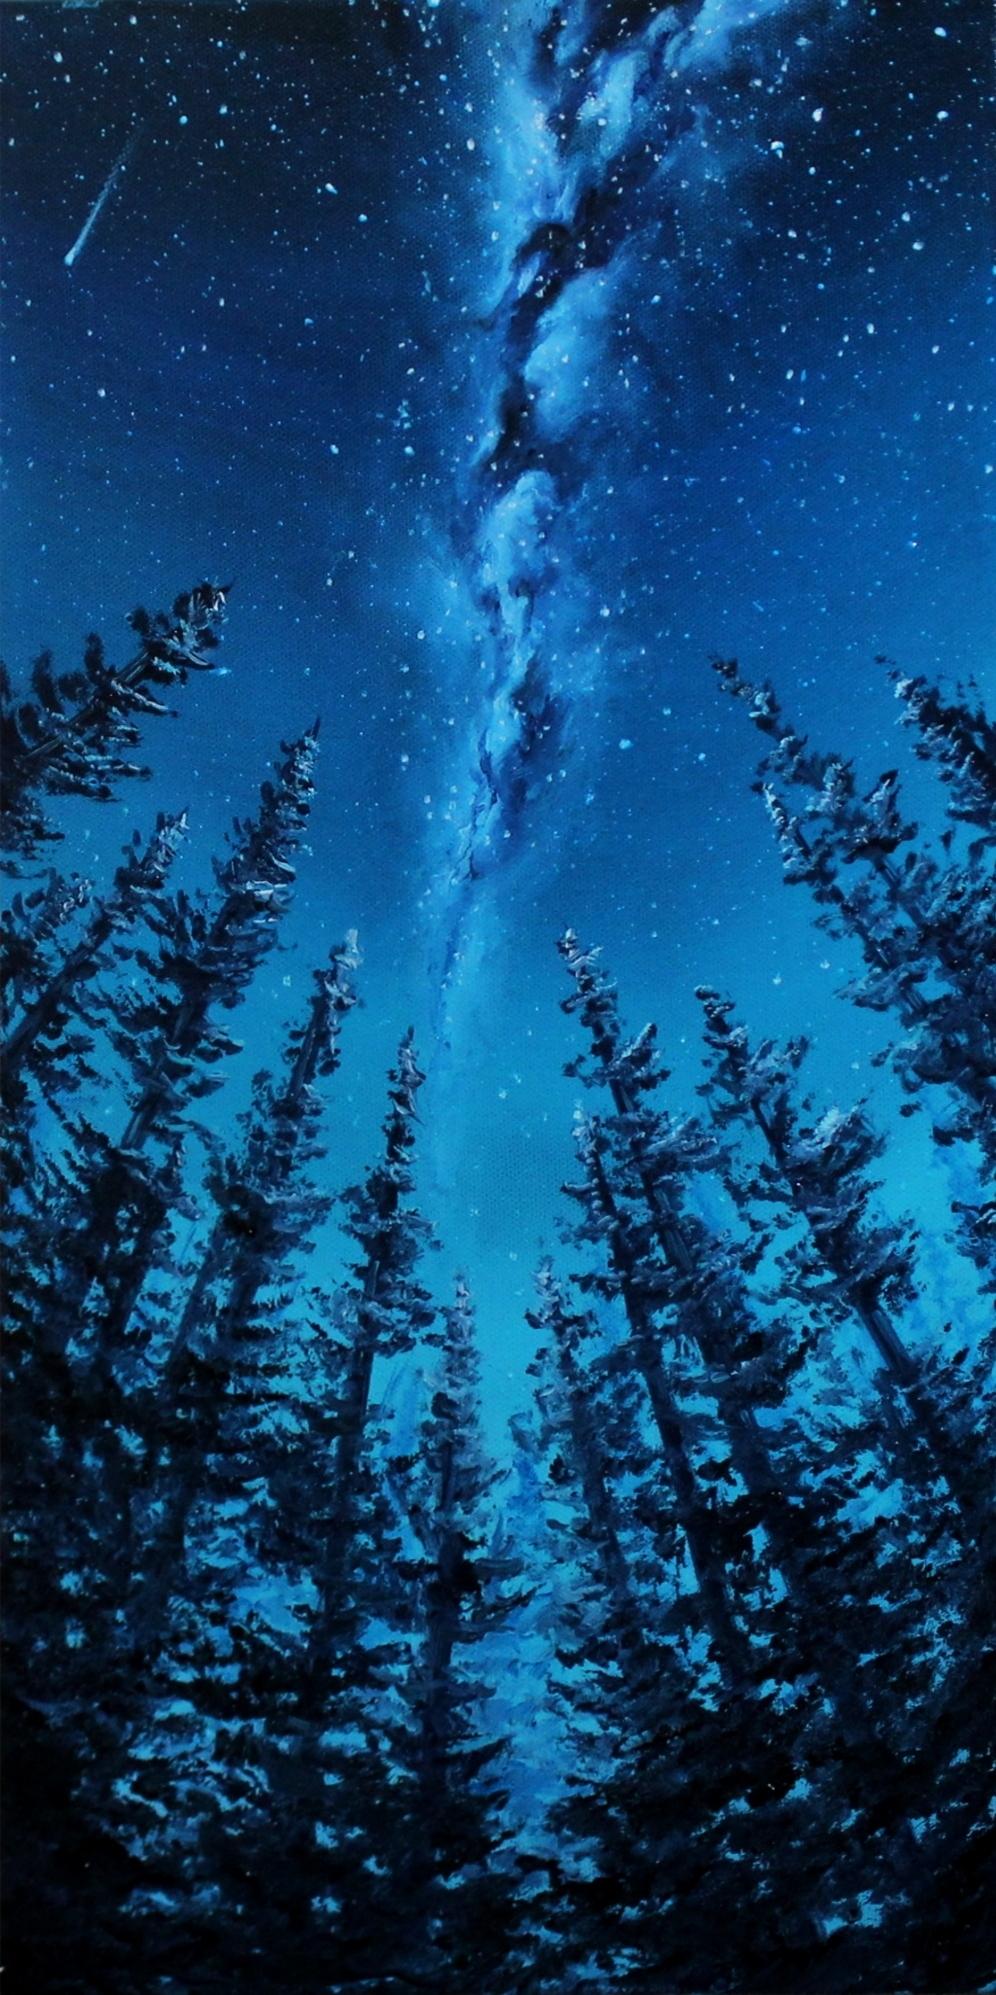 Звёздное небо и космос в картинках - Страница 33 Dccmmmc-817235fb-d52a-4883-aa87-c5351b52ce86.jpg?token=eyJ0eXAiOiJKV1QiLCJhbGciOiJIUzI1NiJ9.eyJzdWIiOiJ1cm46YXBwOjdlMGQxODg5ODIyNjQzNzNhNWYwZDQxNWVhMGQyNmUwIiwiaXNzIjoidXJuOmFwcDo3ZTBkMTg4OTgyMjY0MzczYTVmMGQ0MTVlYTBkMjZlMCIsIm9iaiI6W1t7InBhdGgiOiJcL2ZcLzA2MDhjZjJmLTU3NTItNDUxYy1iZTc0LTZkY2U5ZTY1YTA1OVwvZGNjbW1tYy04MTcyMzVmYi1kNTJhLTQ4ODMtYWE4Ny1jNTM1MWI1MmNlODYuanBnIn1dXSwiYXVkIjpbInVybjpzZXJ2aWNlOmZpbGUuZG93bmxvYWQiXX0